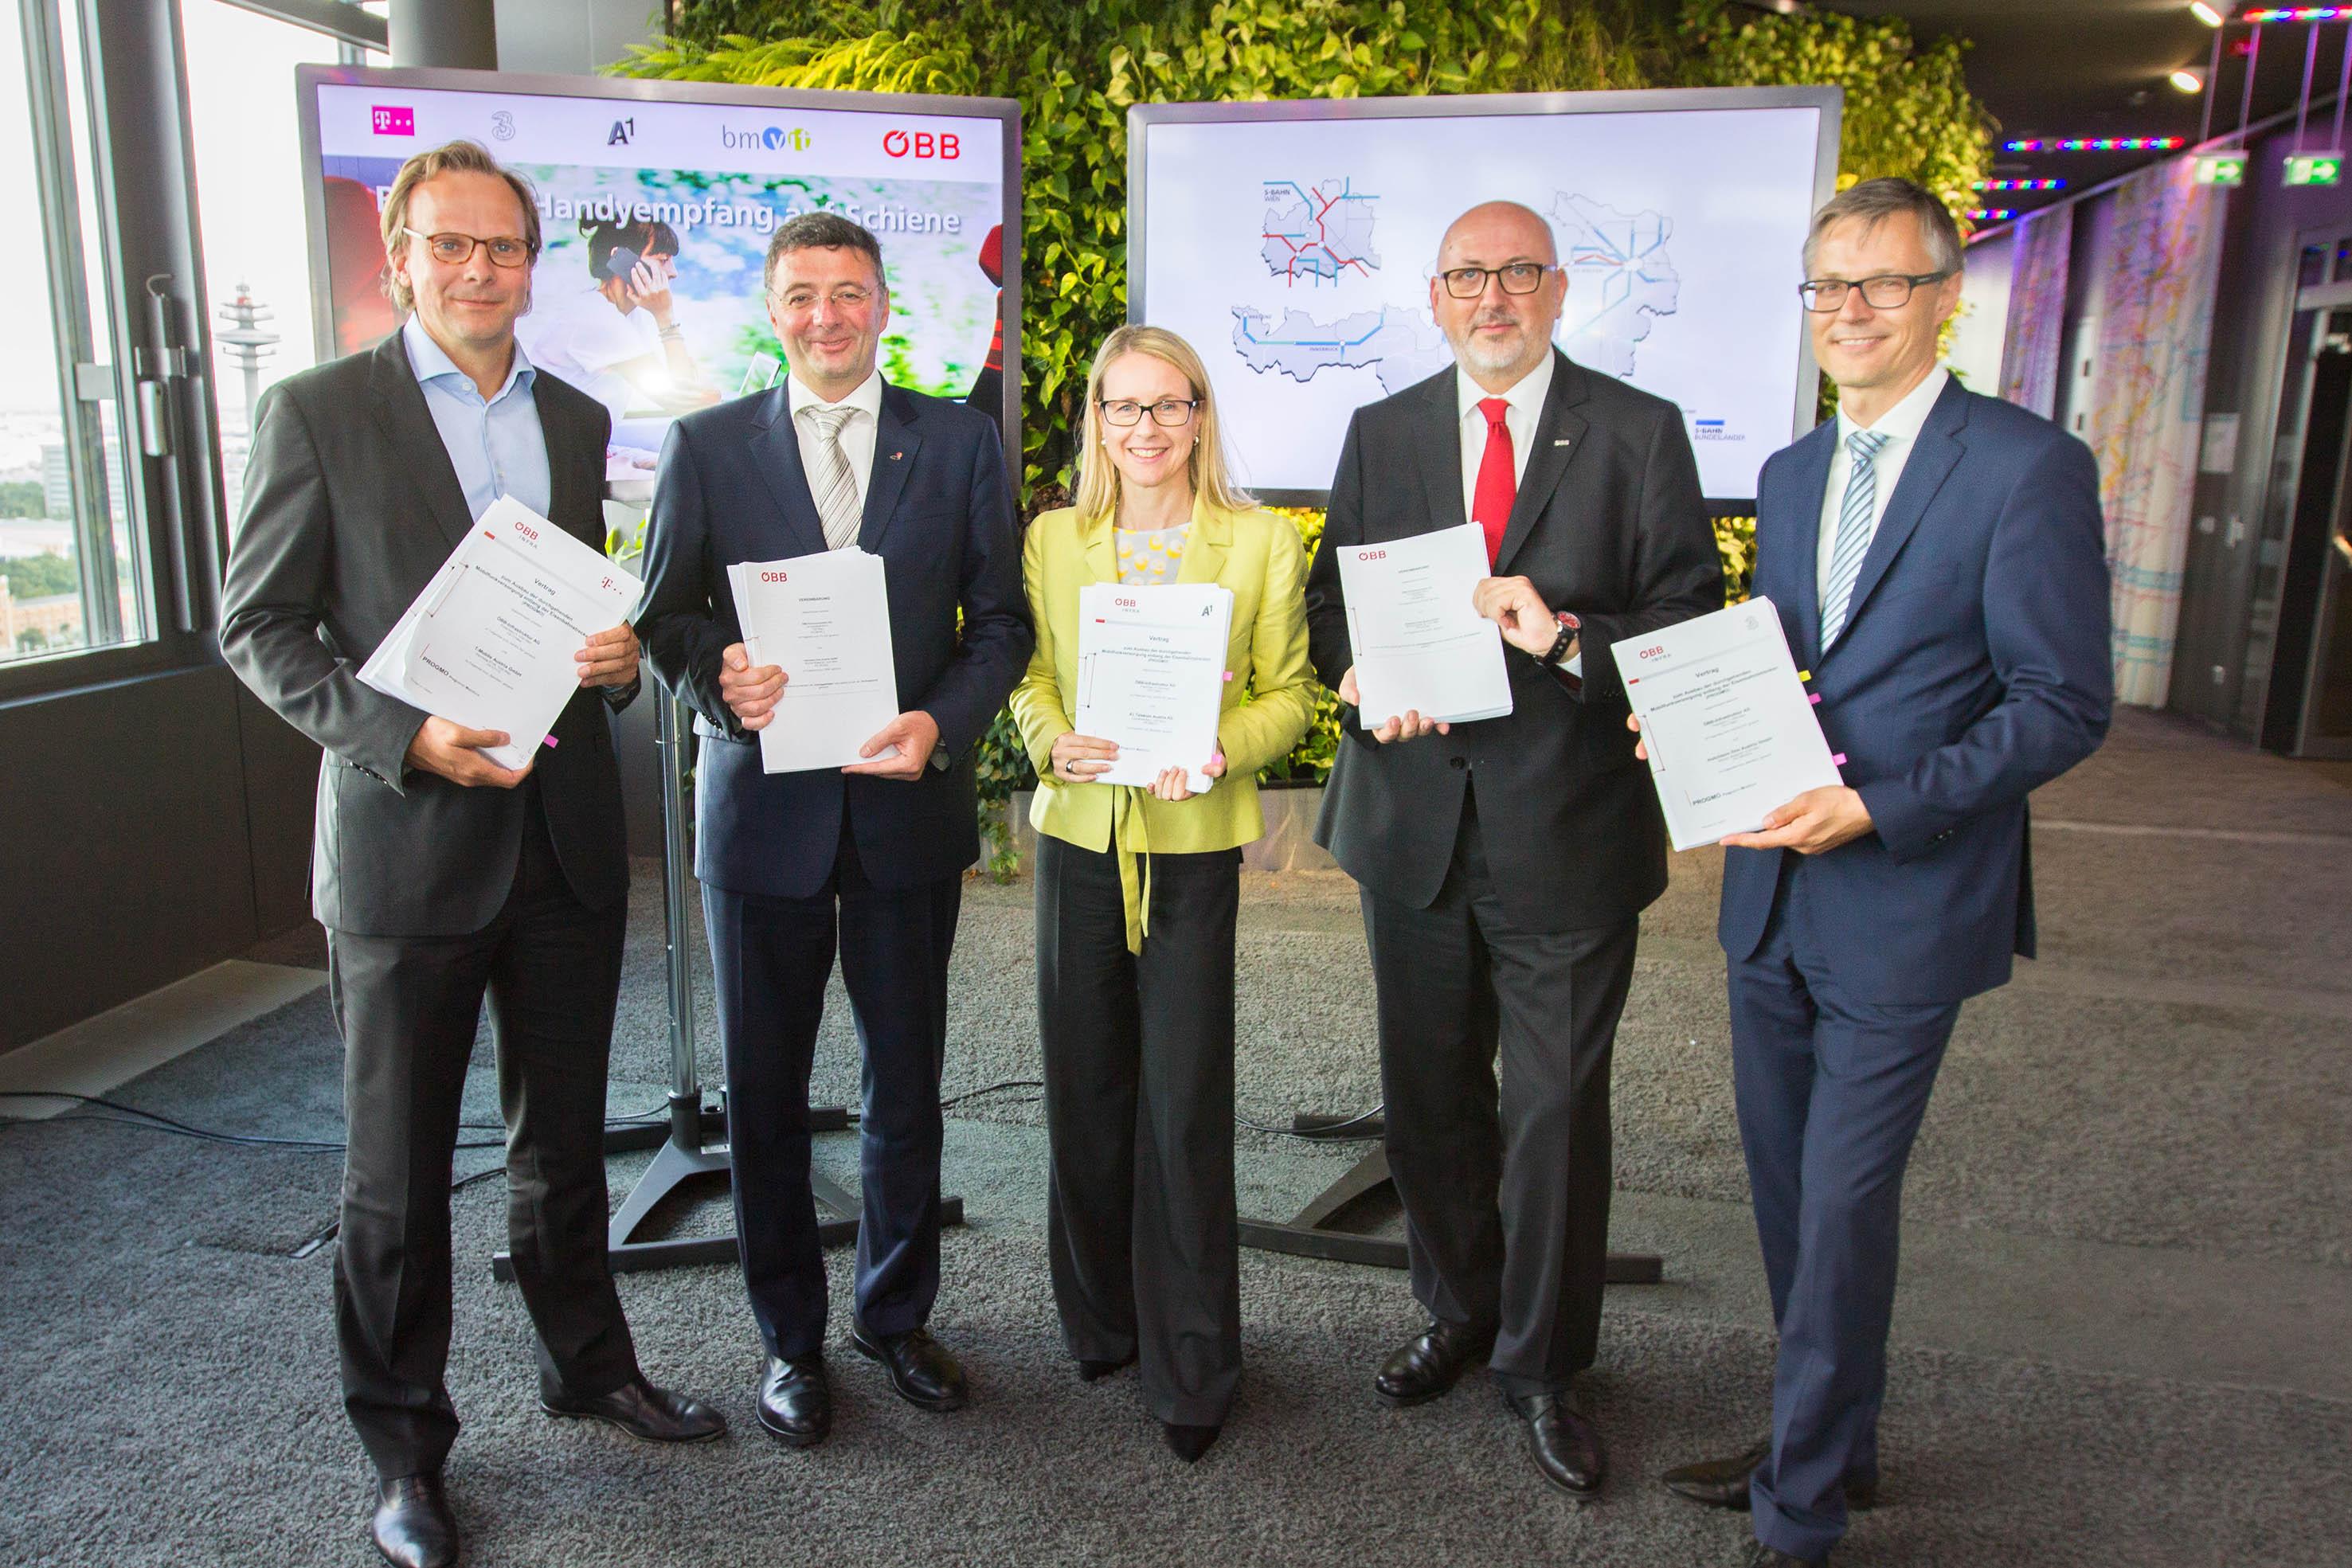 Infrastrukturministerium, ÖBB und Telekom-Unternehmen fixieren Handypaket für die Schiene